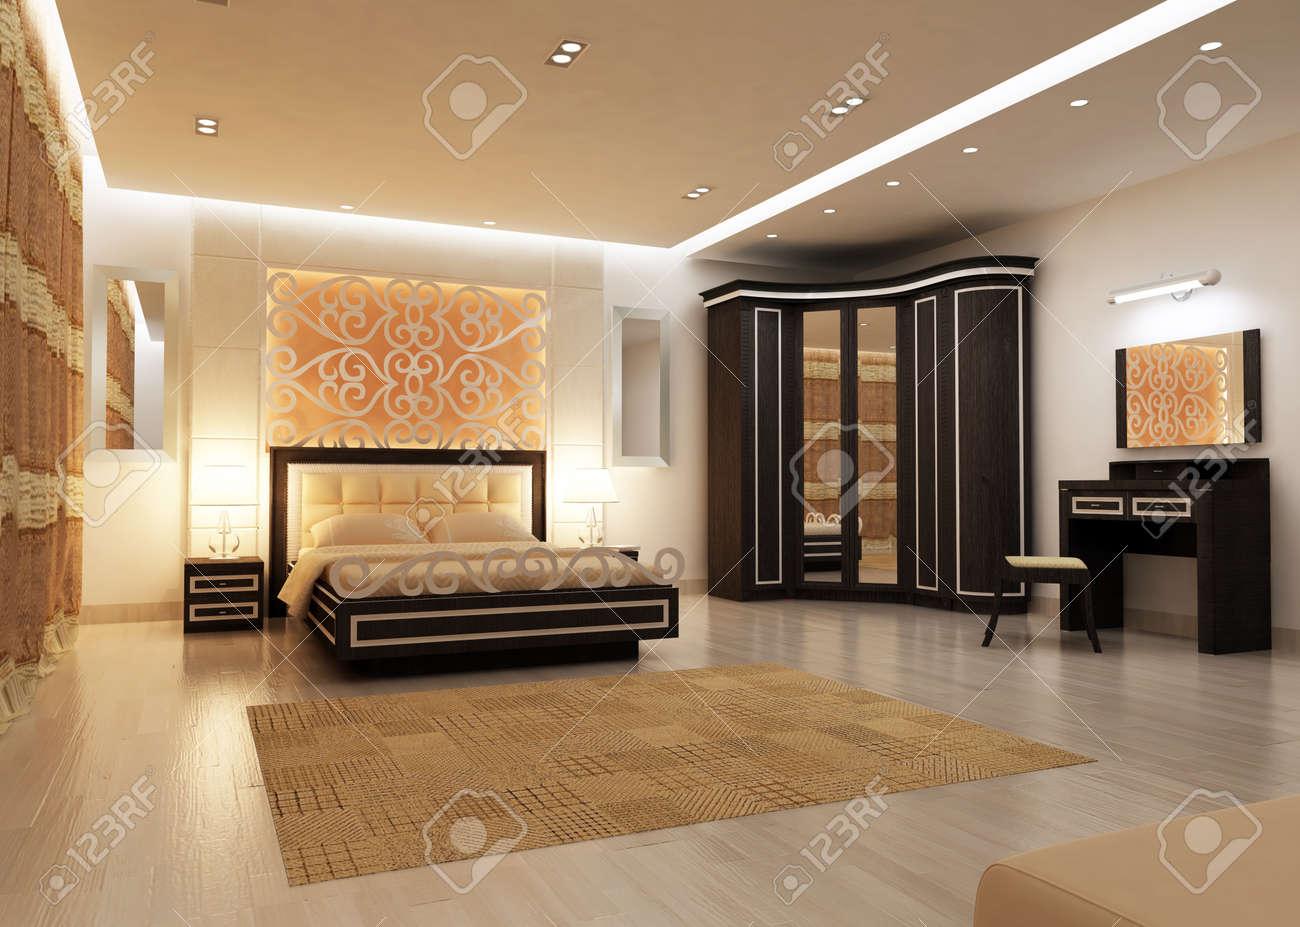 design d interieur de la grande chambre moderne dans l eclairage artificiel rendu 3d